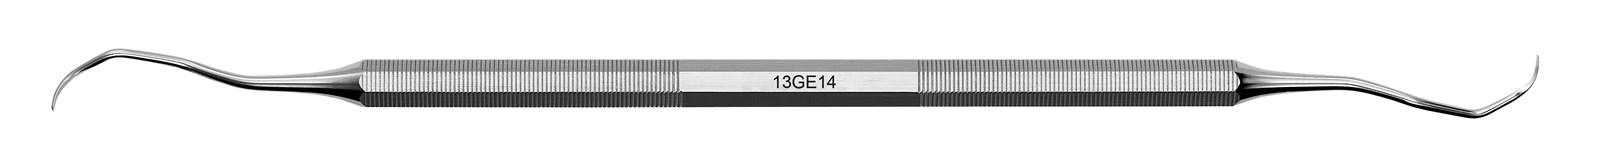 Kyreta Gracey Classic - 13GE14, ADEP silikonový návlek šedý